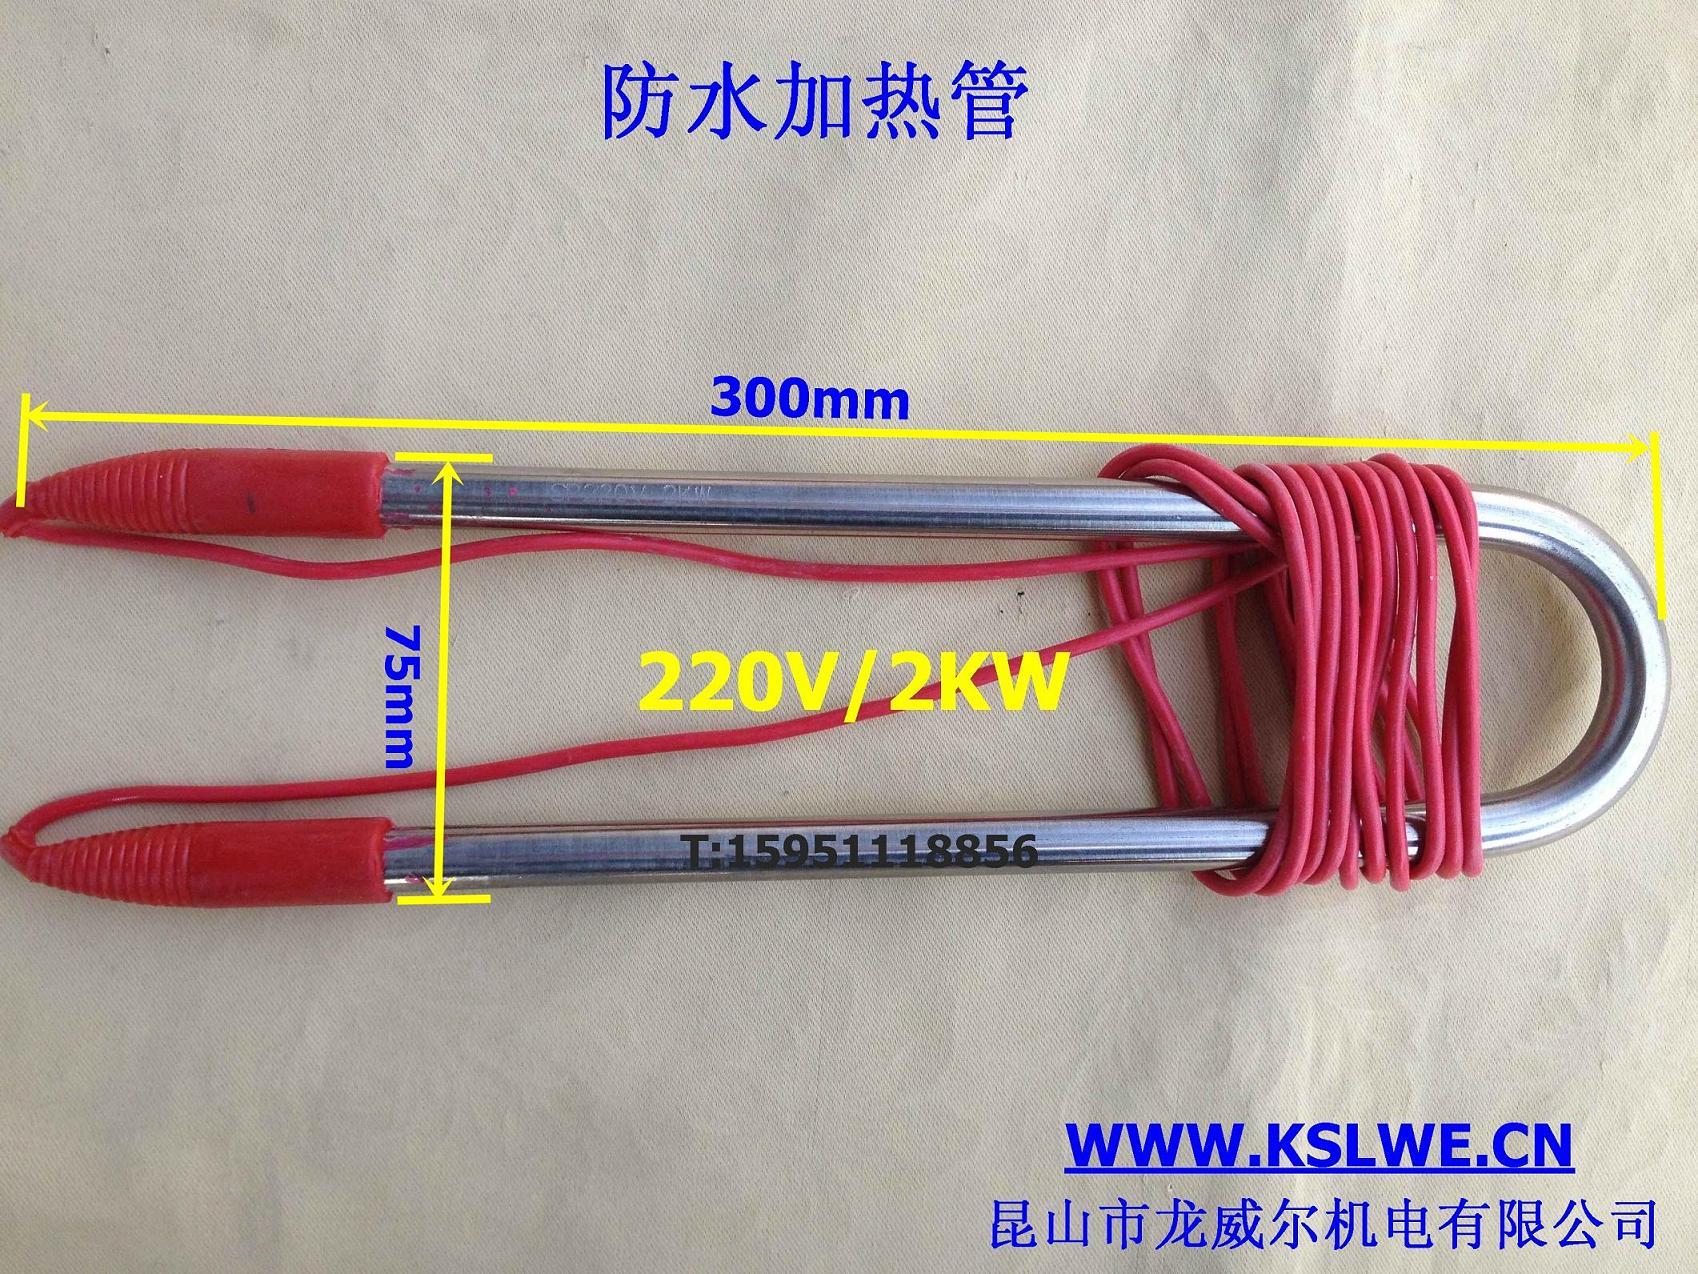 Tubo de acero inoxidable sellado impermeable de calefacción eléctrica de 220V / tubo de buceo 3kw 2kw / calentador de agua